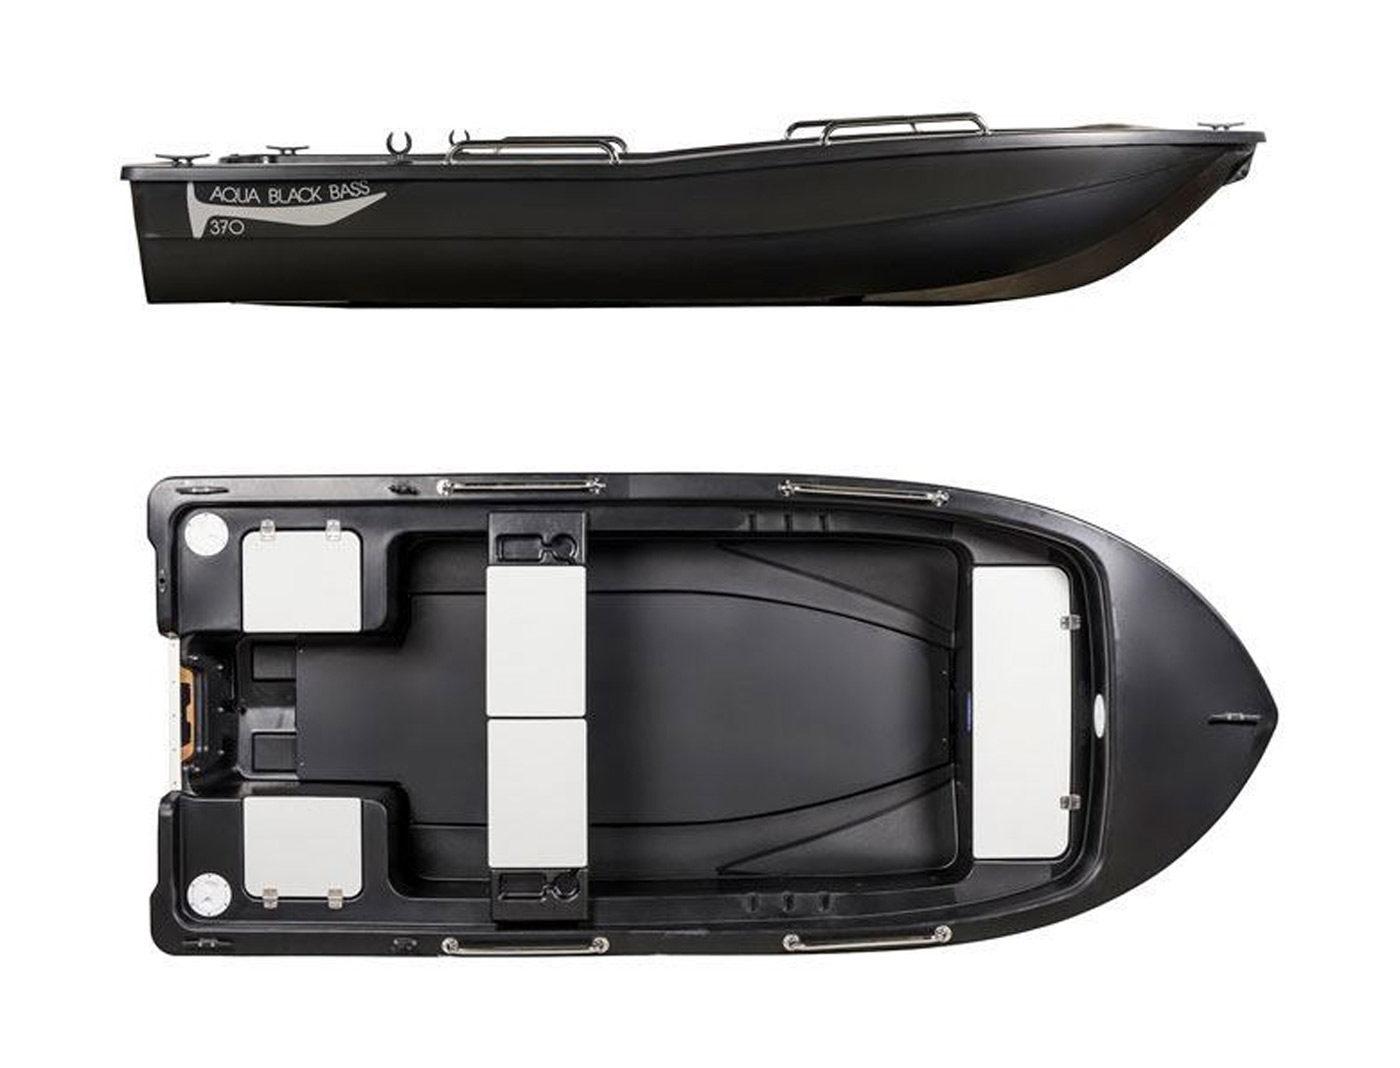 Aqua 370 Black Bass